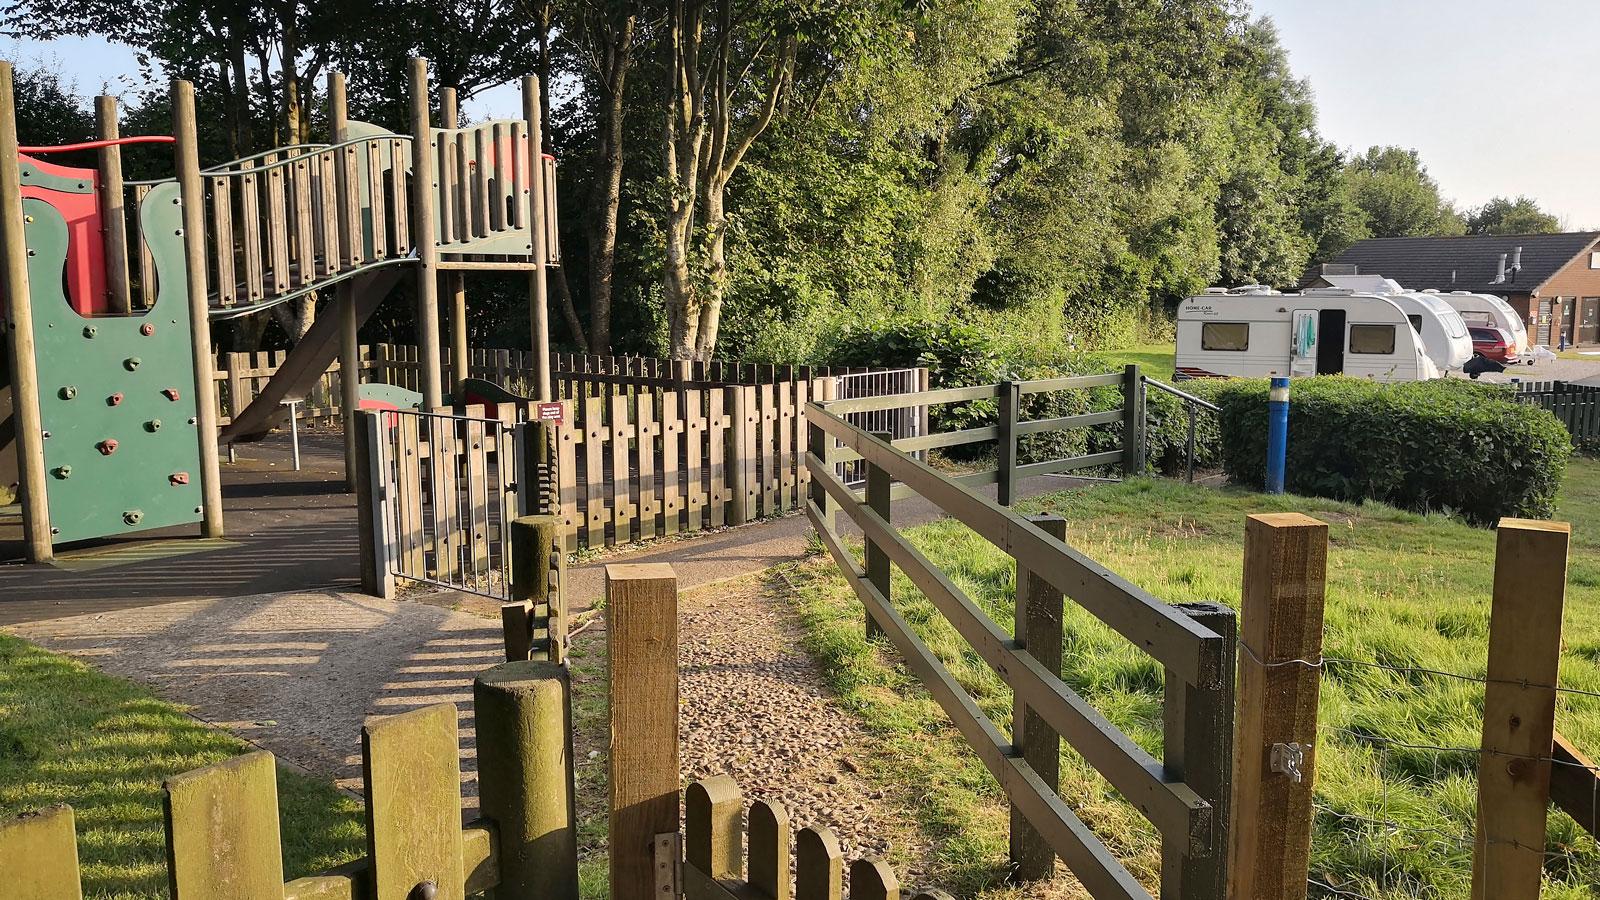 Campingens lekpark såg fin ut men på grund av få barnfamiljer på plats var den mest tom.